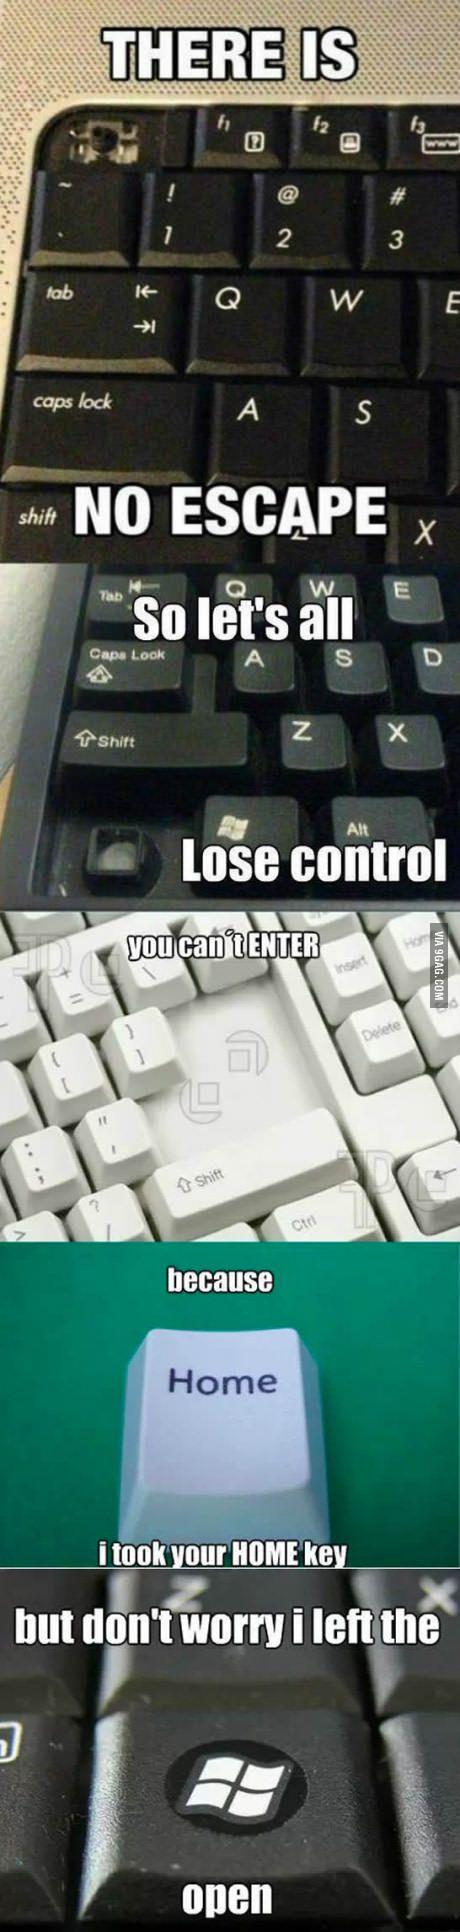 The key is board.